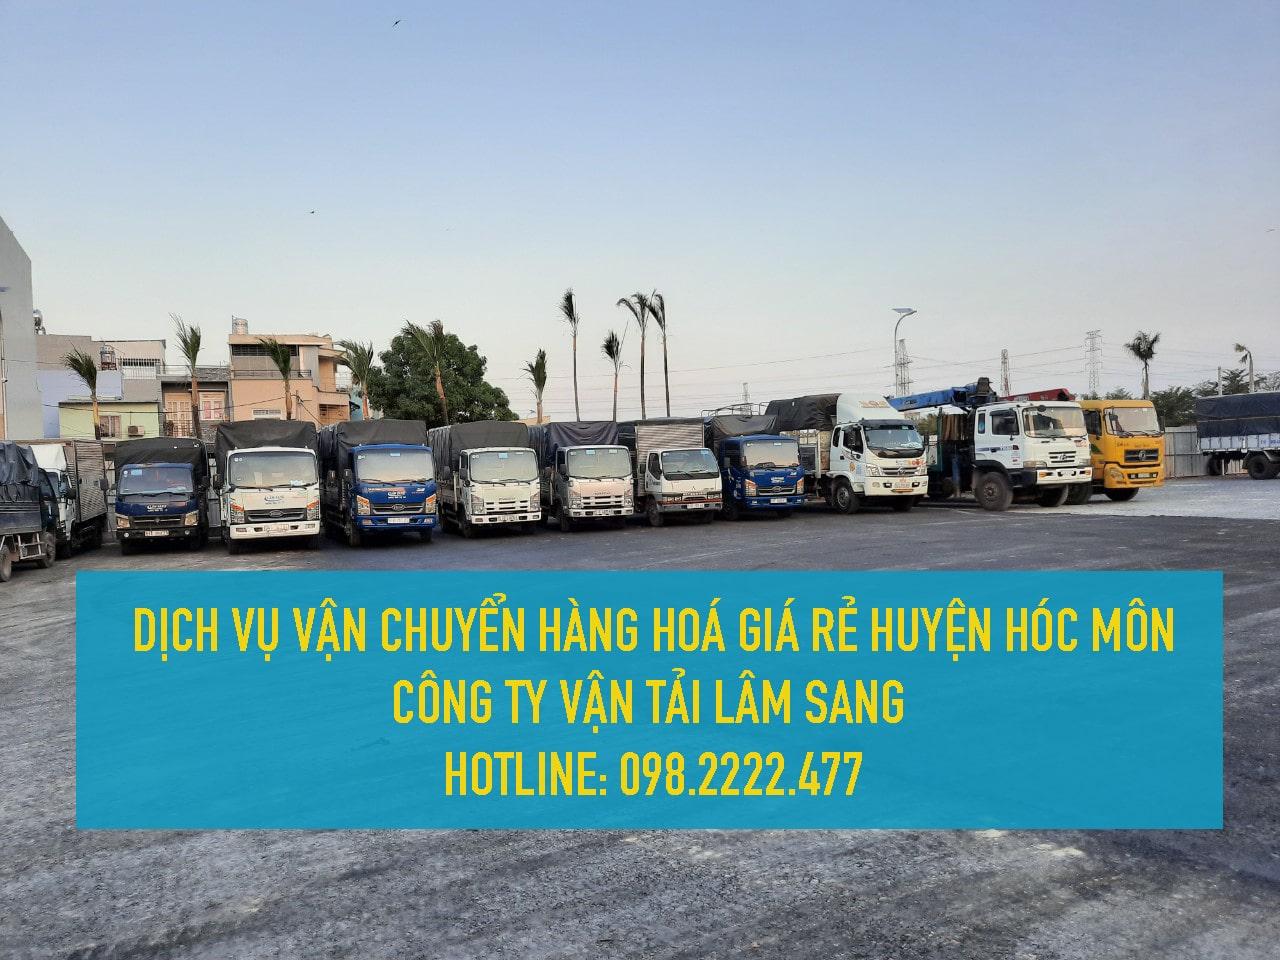 Dịch vụ vận chuyển hàng hoá giá rẻ tại Huyện Hoá Môn